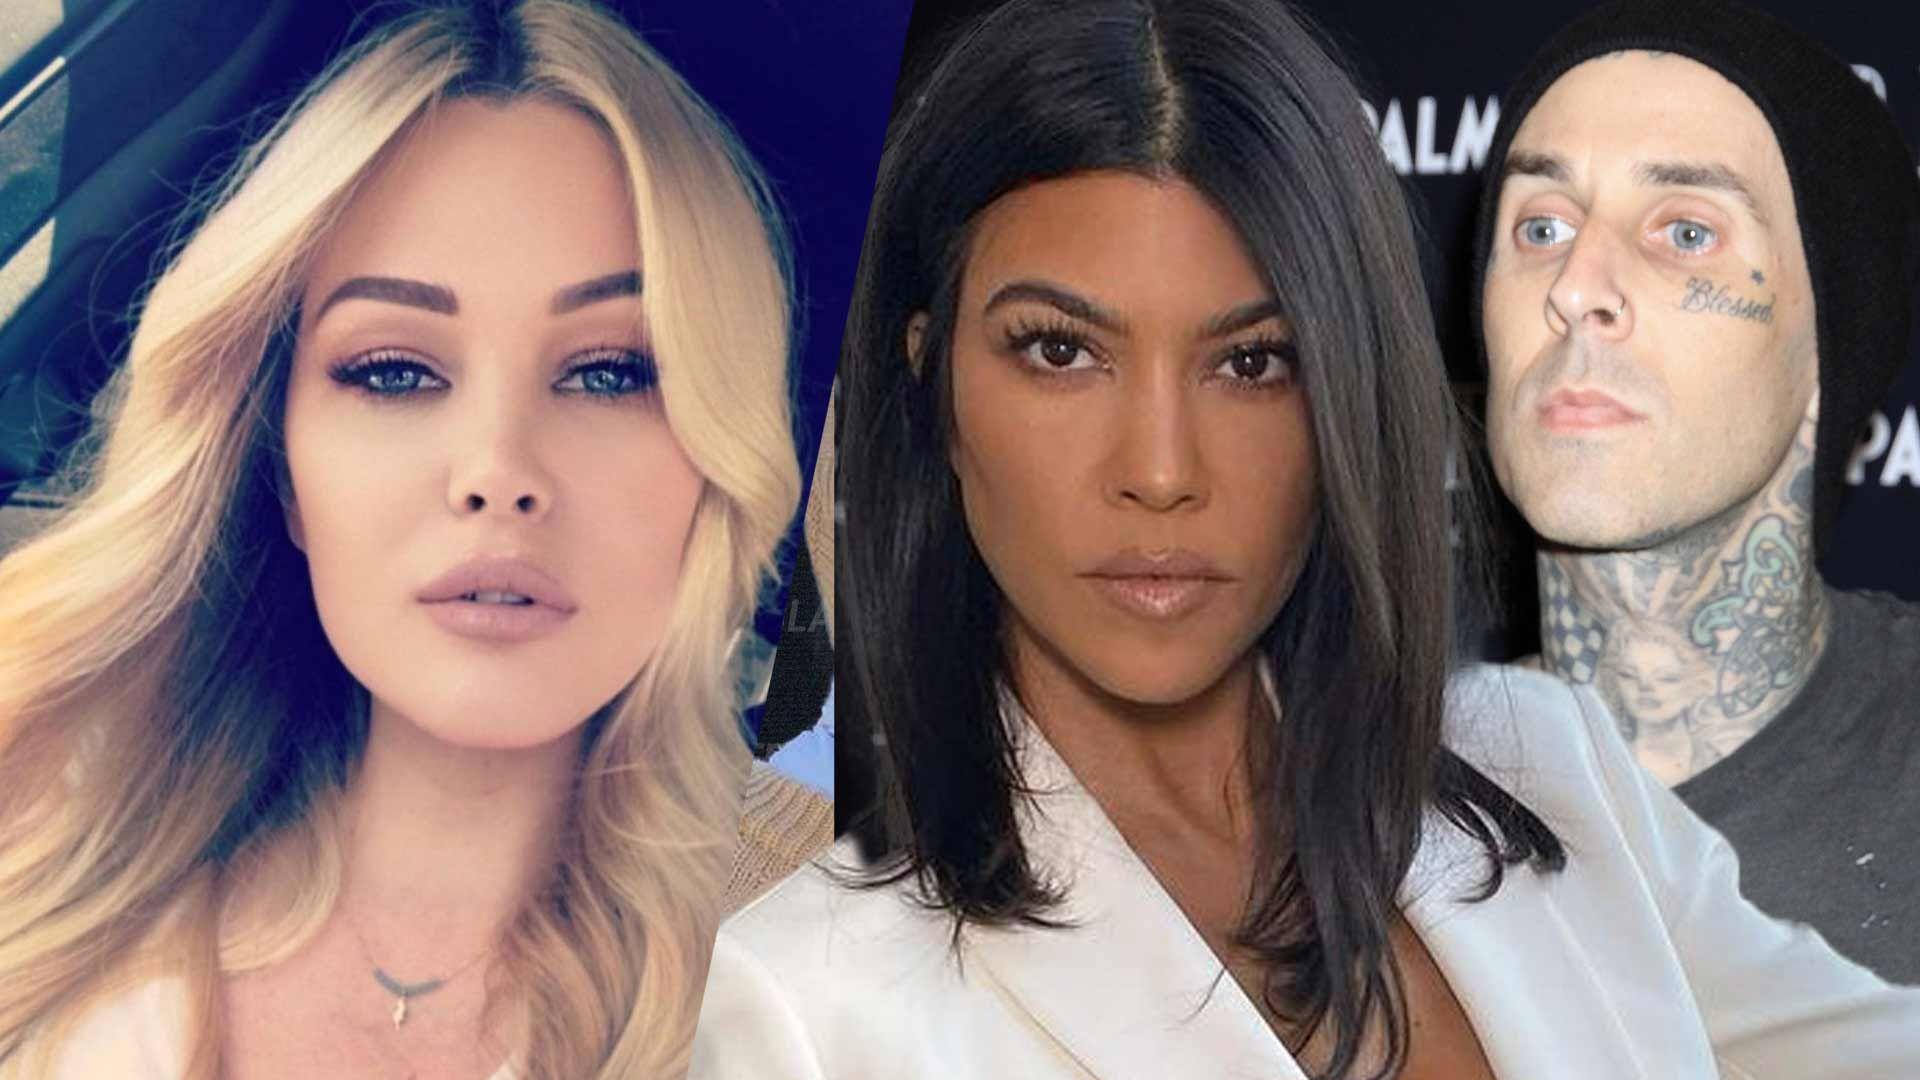 Shanna Moakler, Kourtney Kardashian, and Travis Barker.